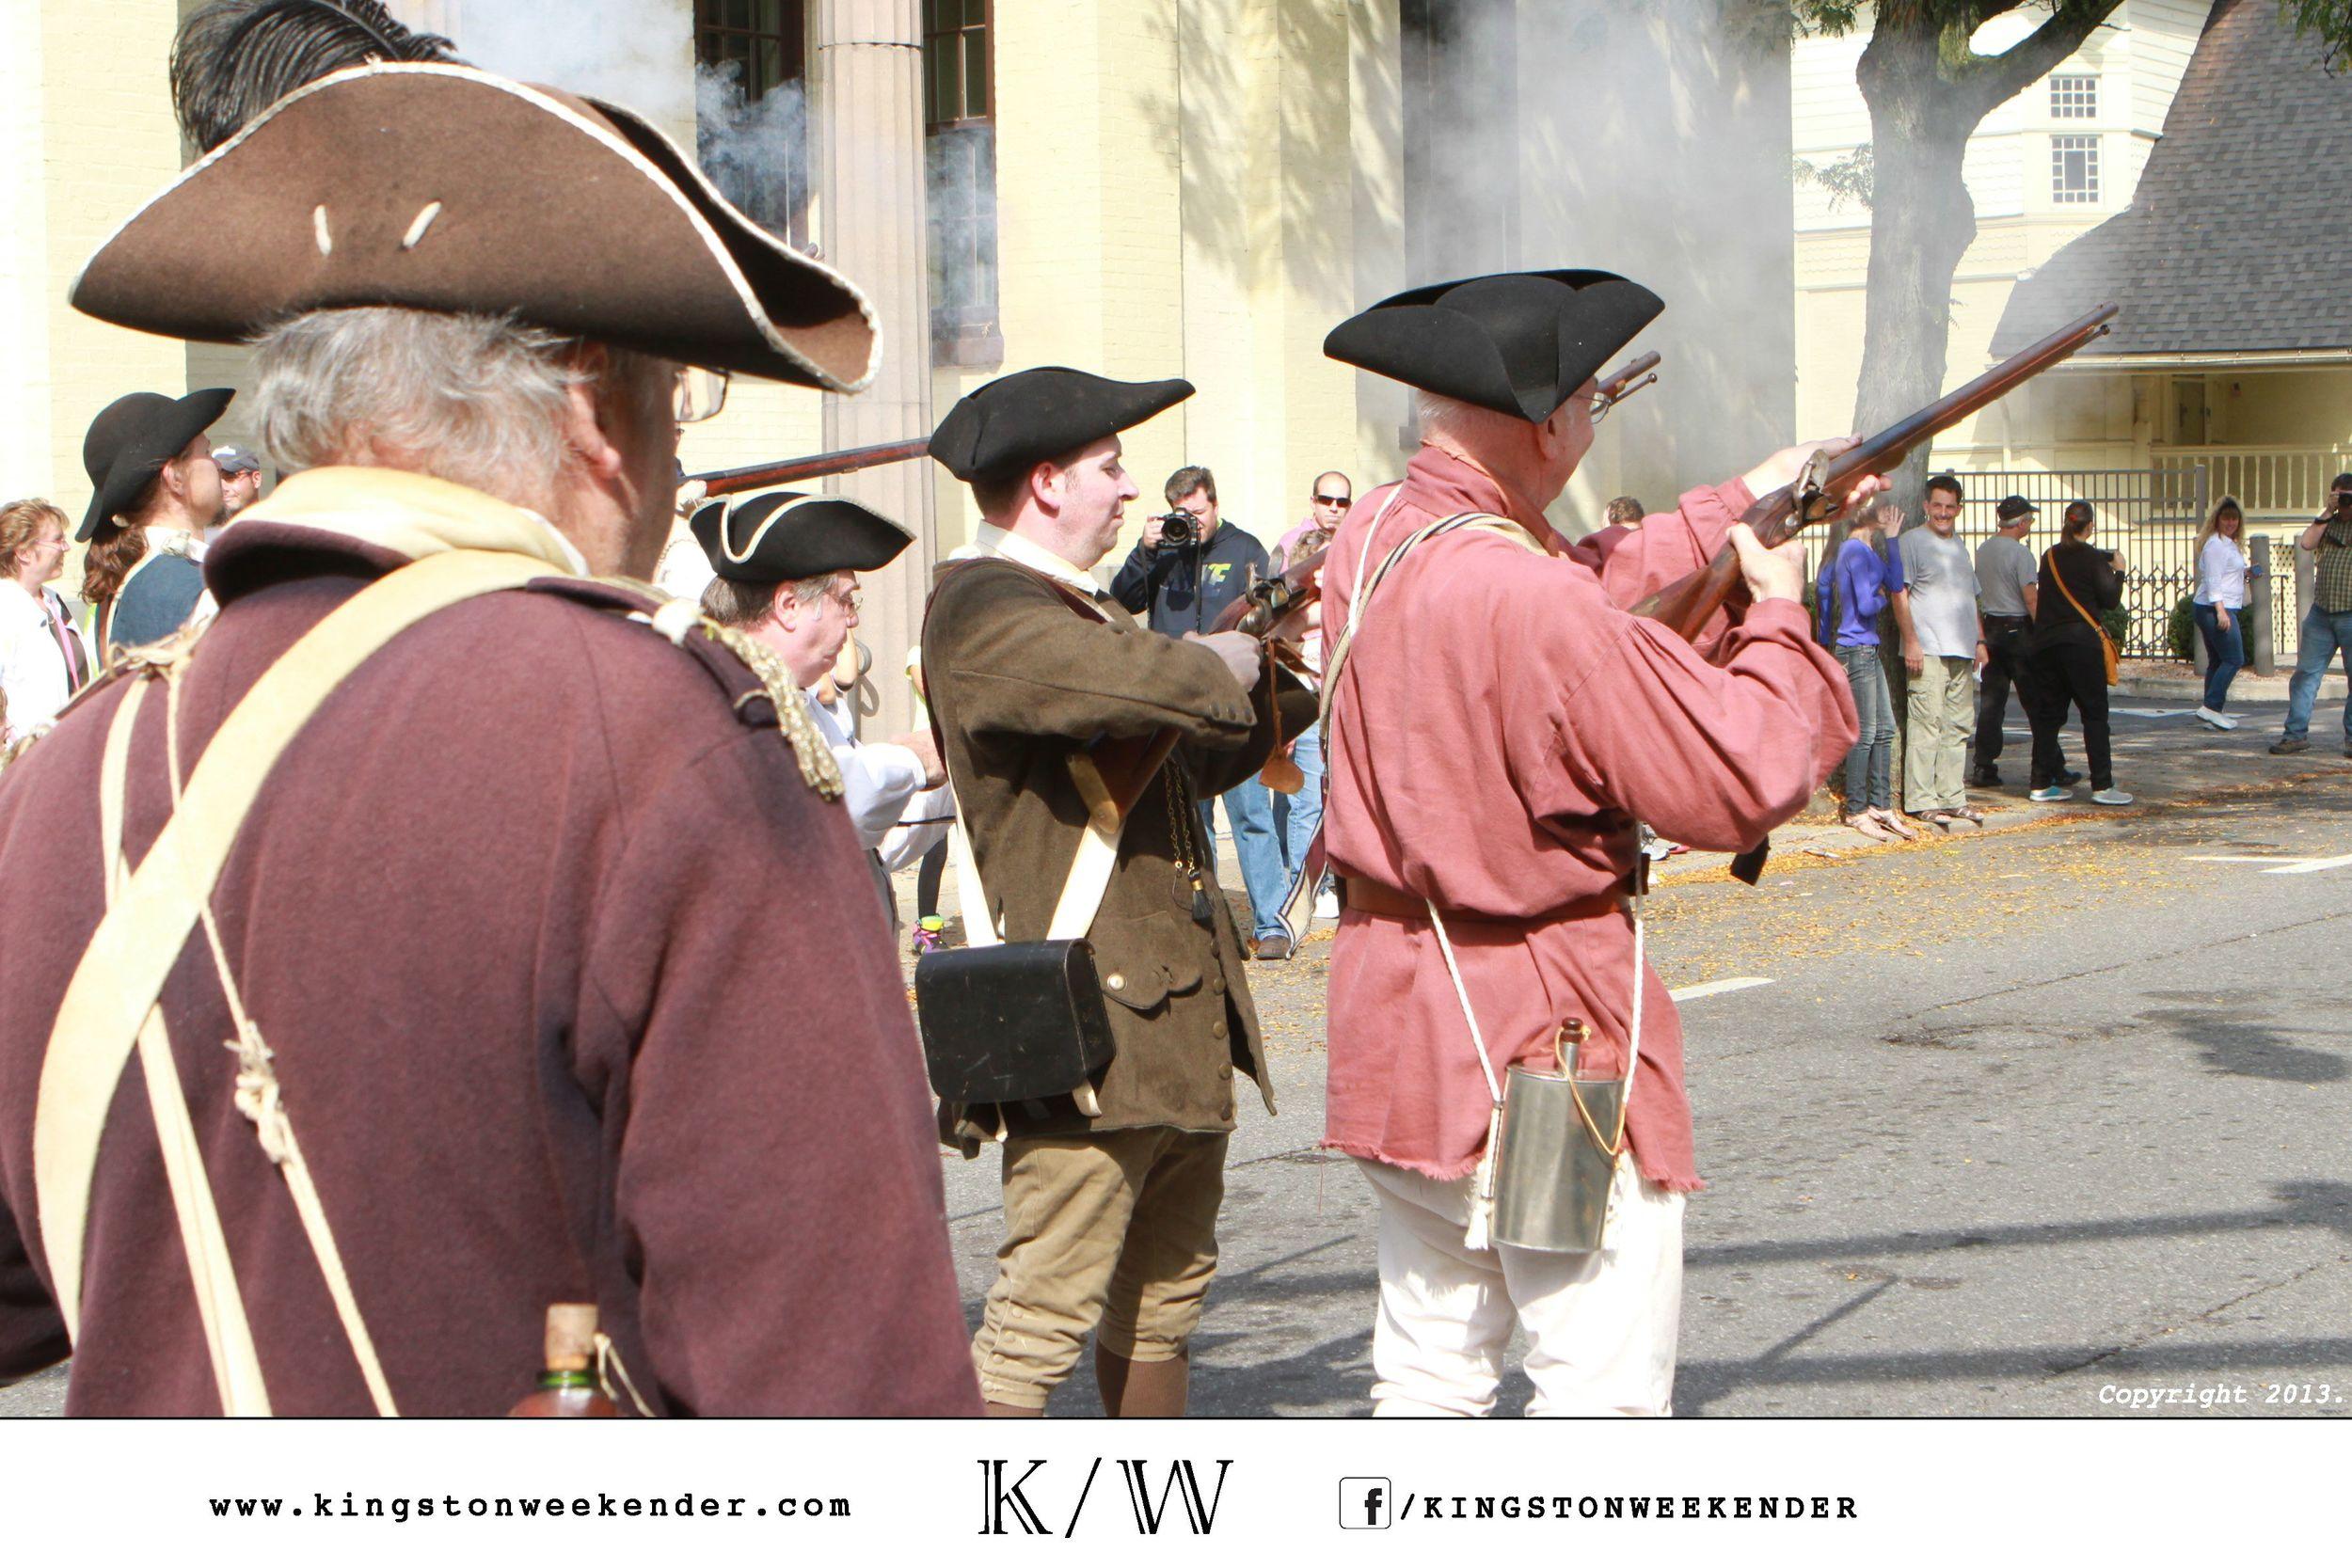 kingston-weekender-photo-credits3.jpg